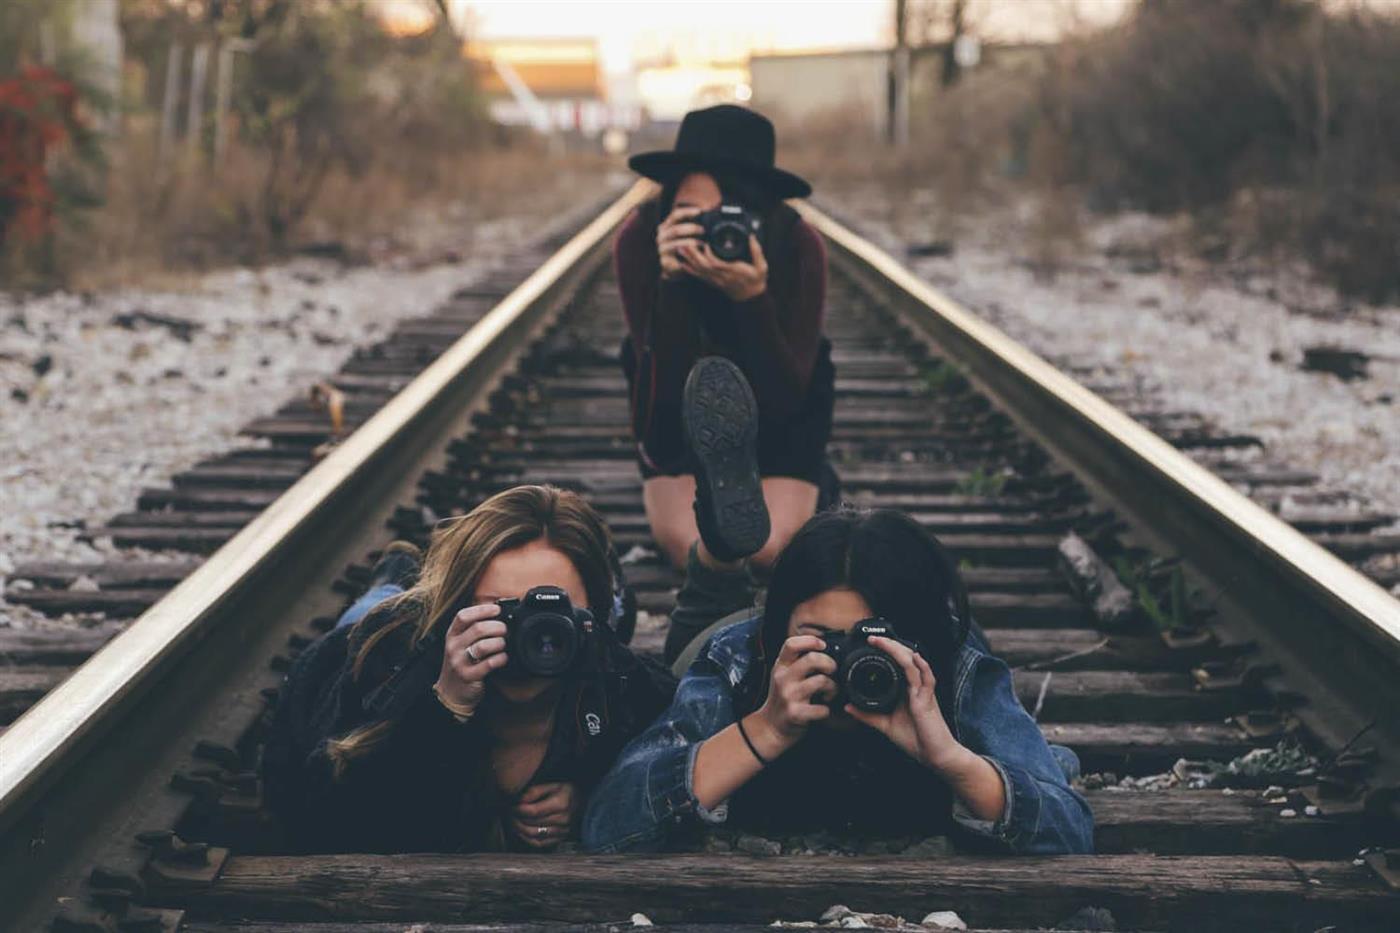 Cómo Salir Bien En Las Fotos Los Trucos De Instagram